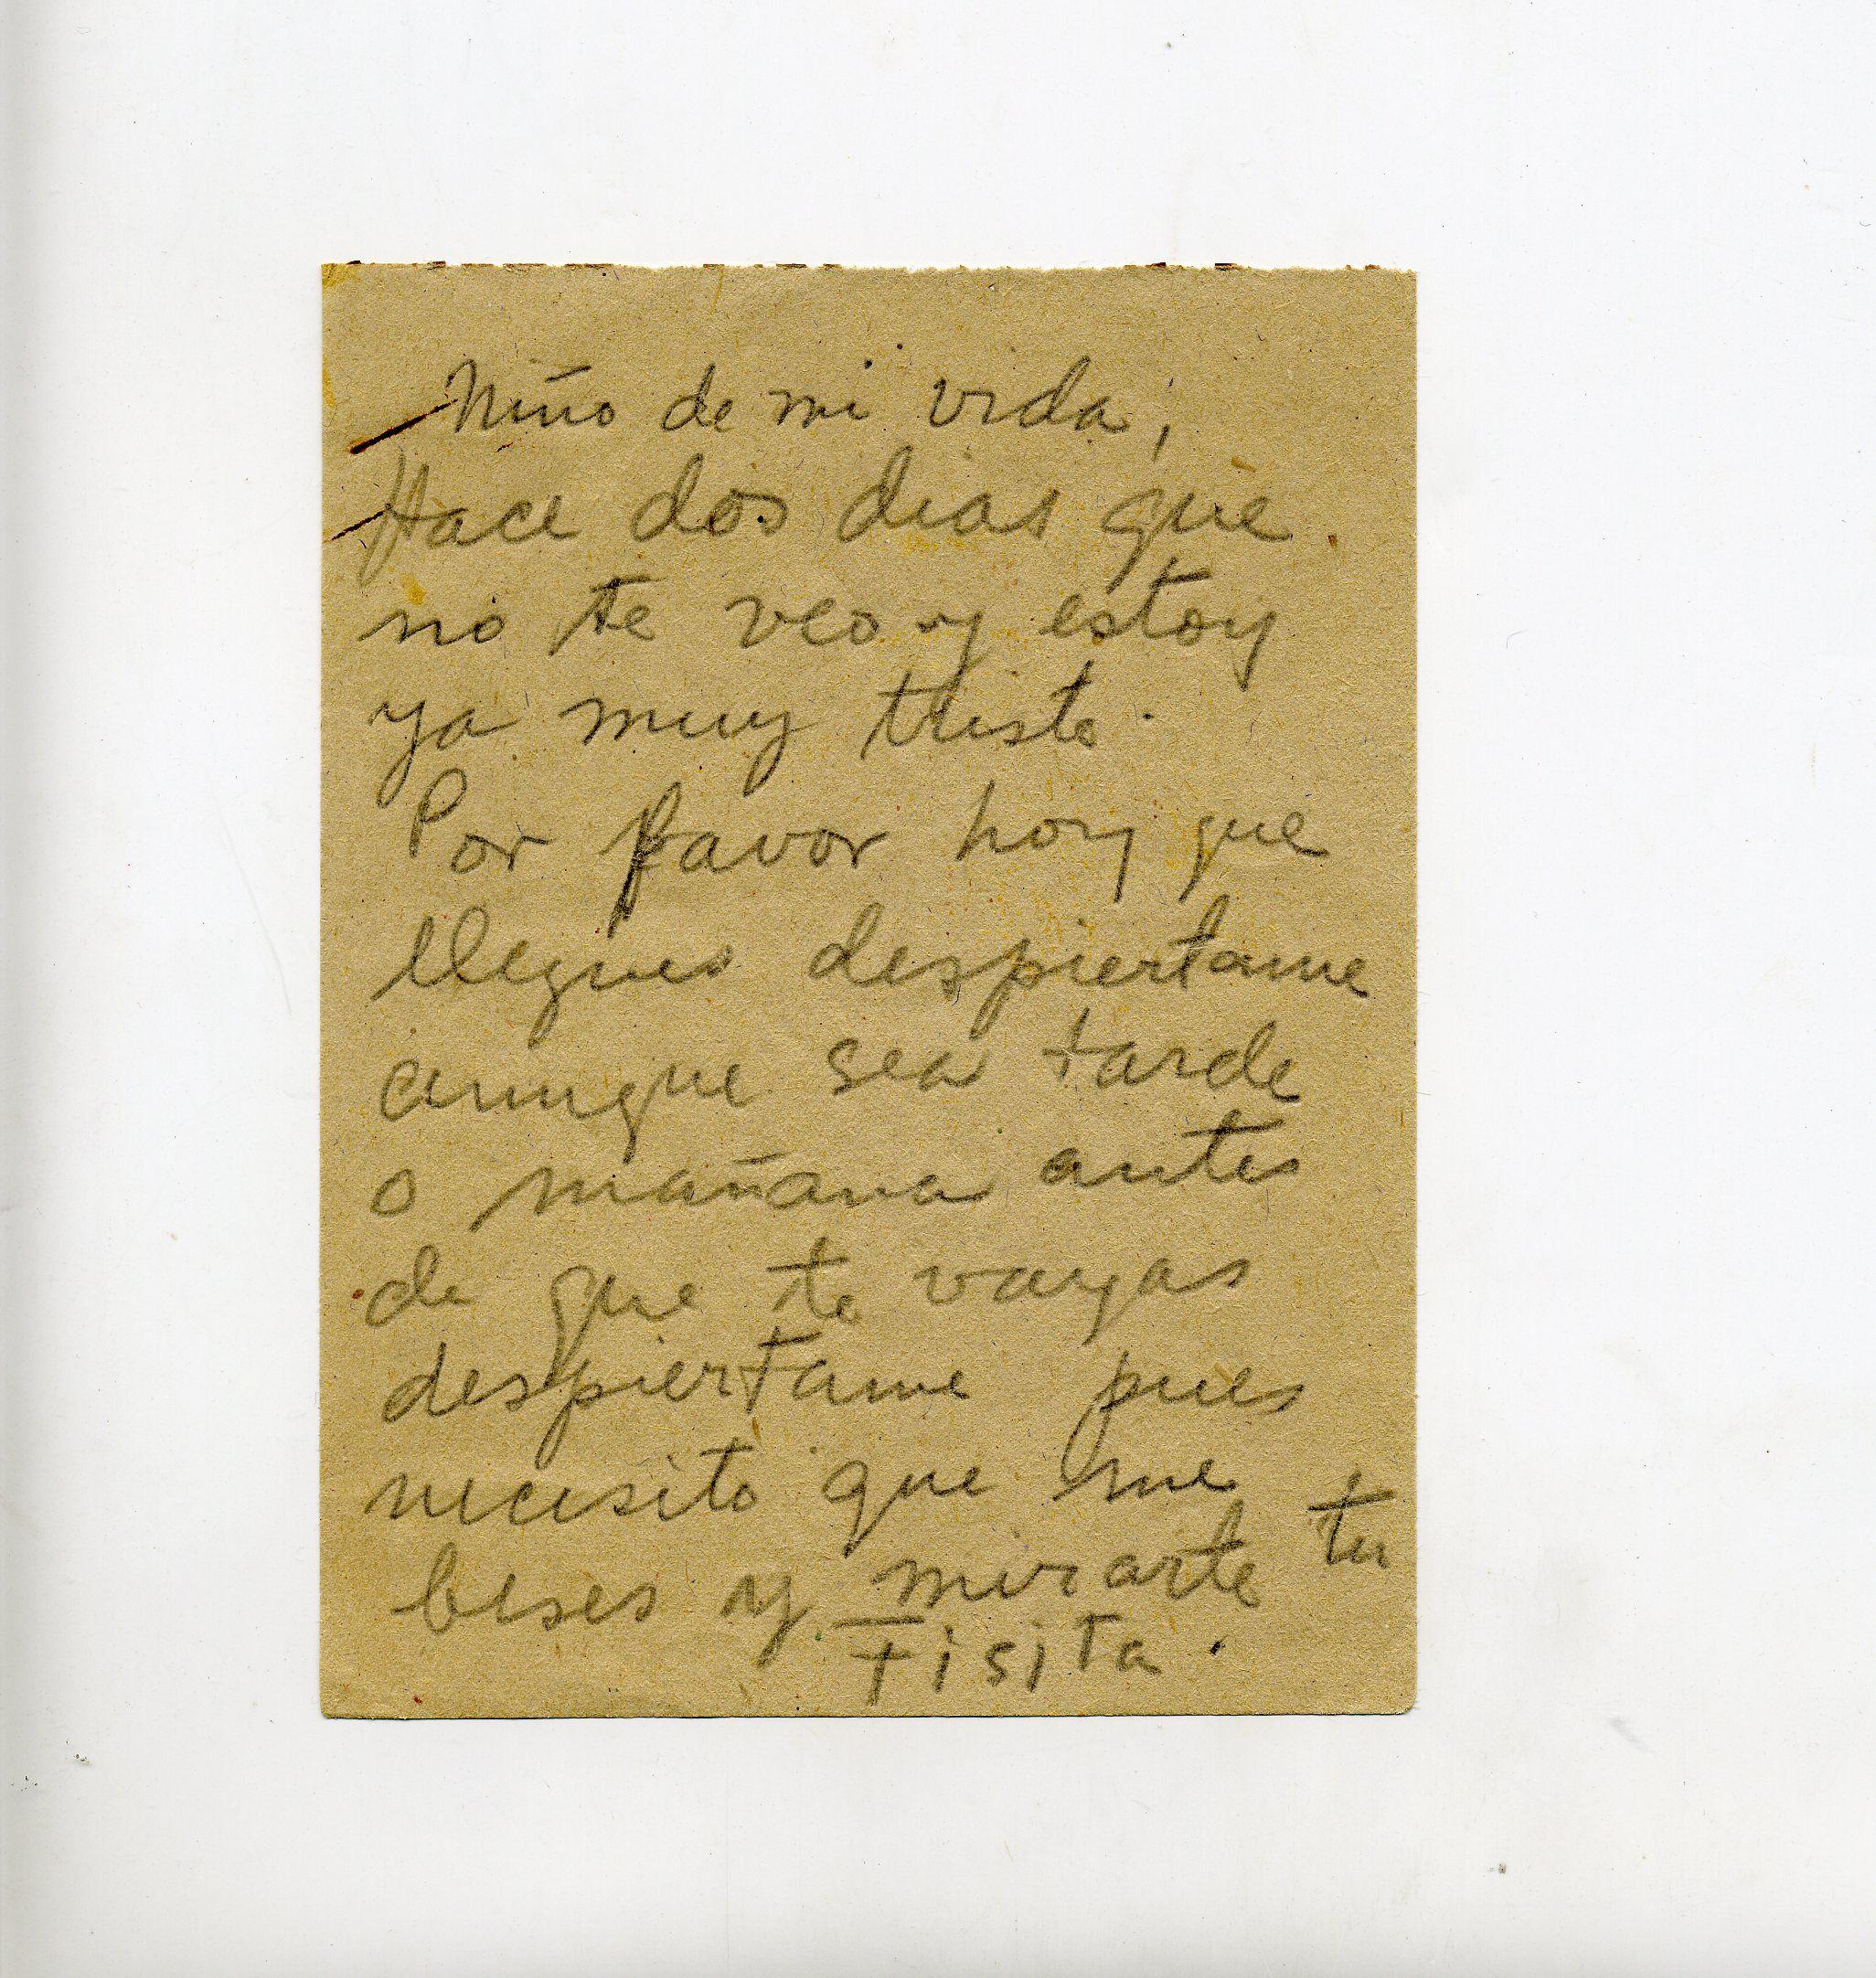 Pin Van Milenio Op Cartas De Amor Entre Frida Kahlo Y Diego Rivera